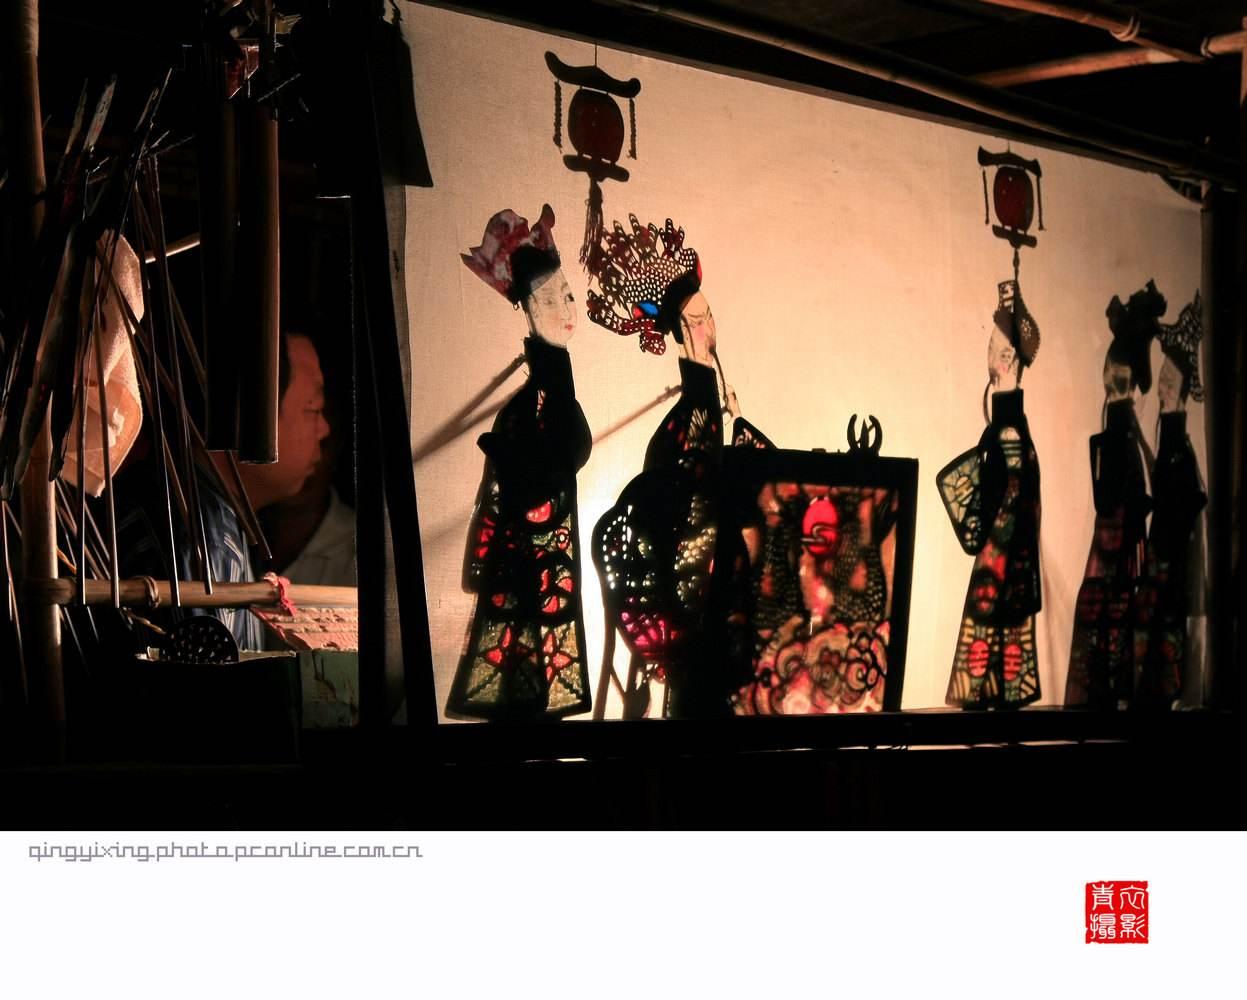 Teatro de Sombras en China